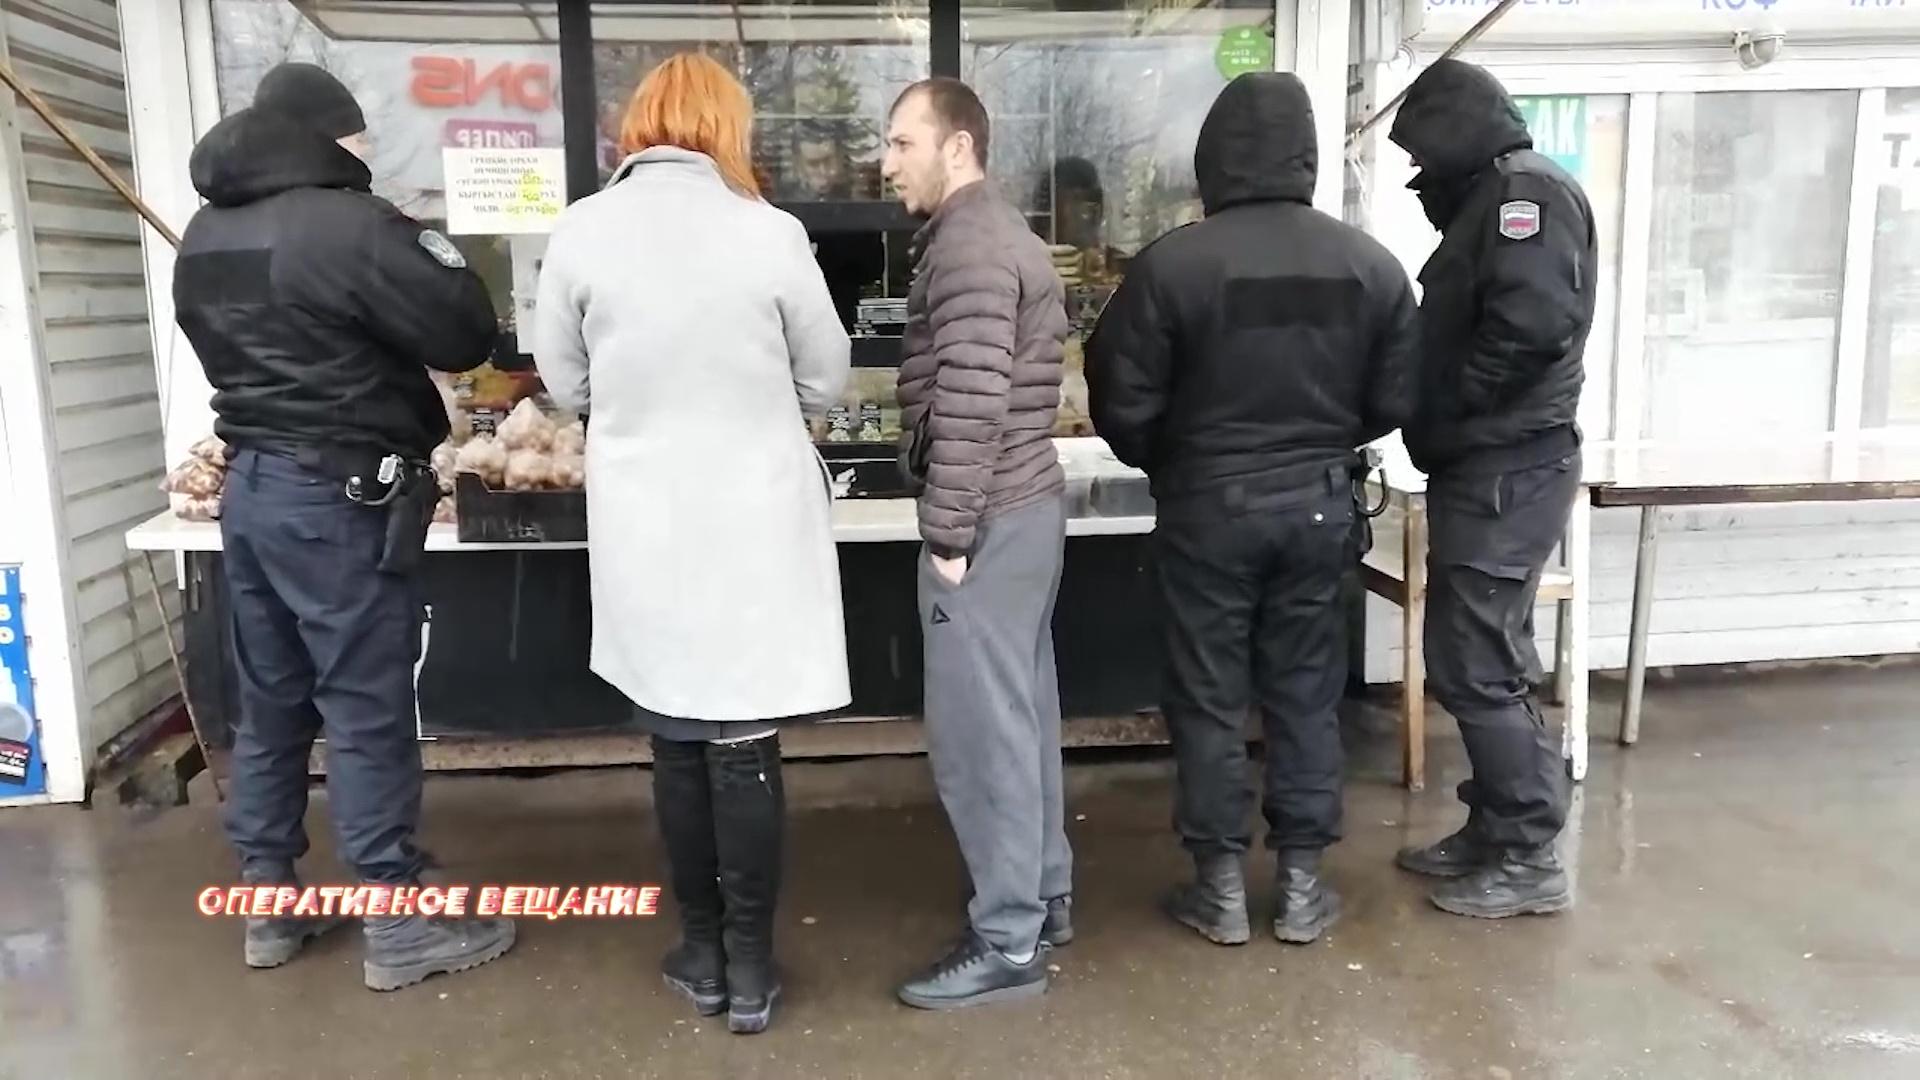 Приставы закрыли несколько торговых точек из-за одного продавца-мигранта